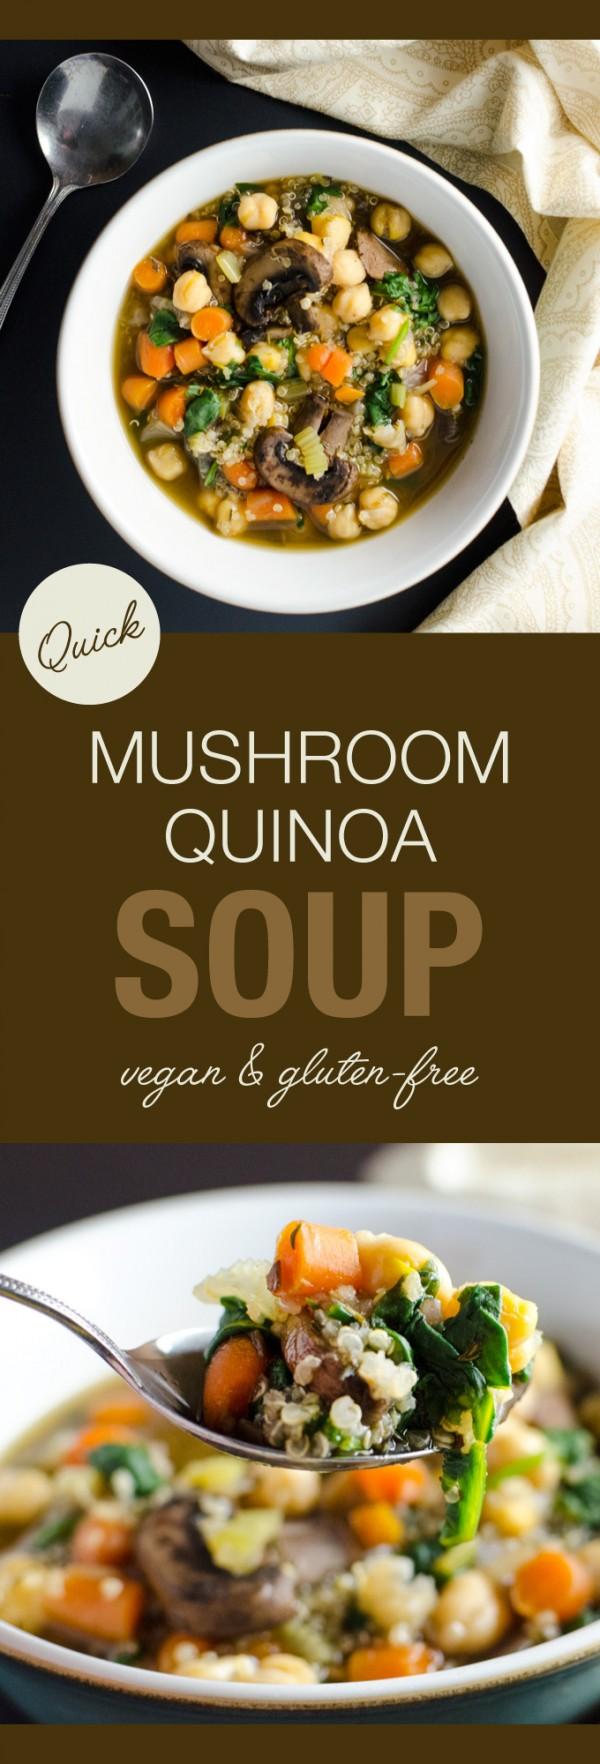 Get the recipe Mushroom Quinoa Soup @recipes_to_go